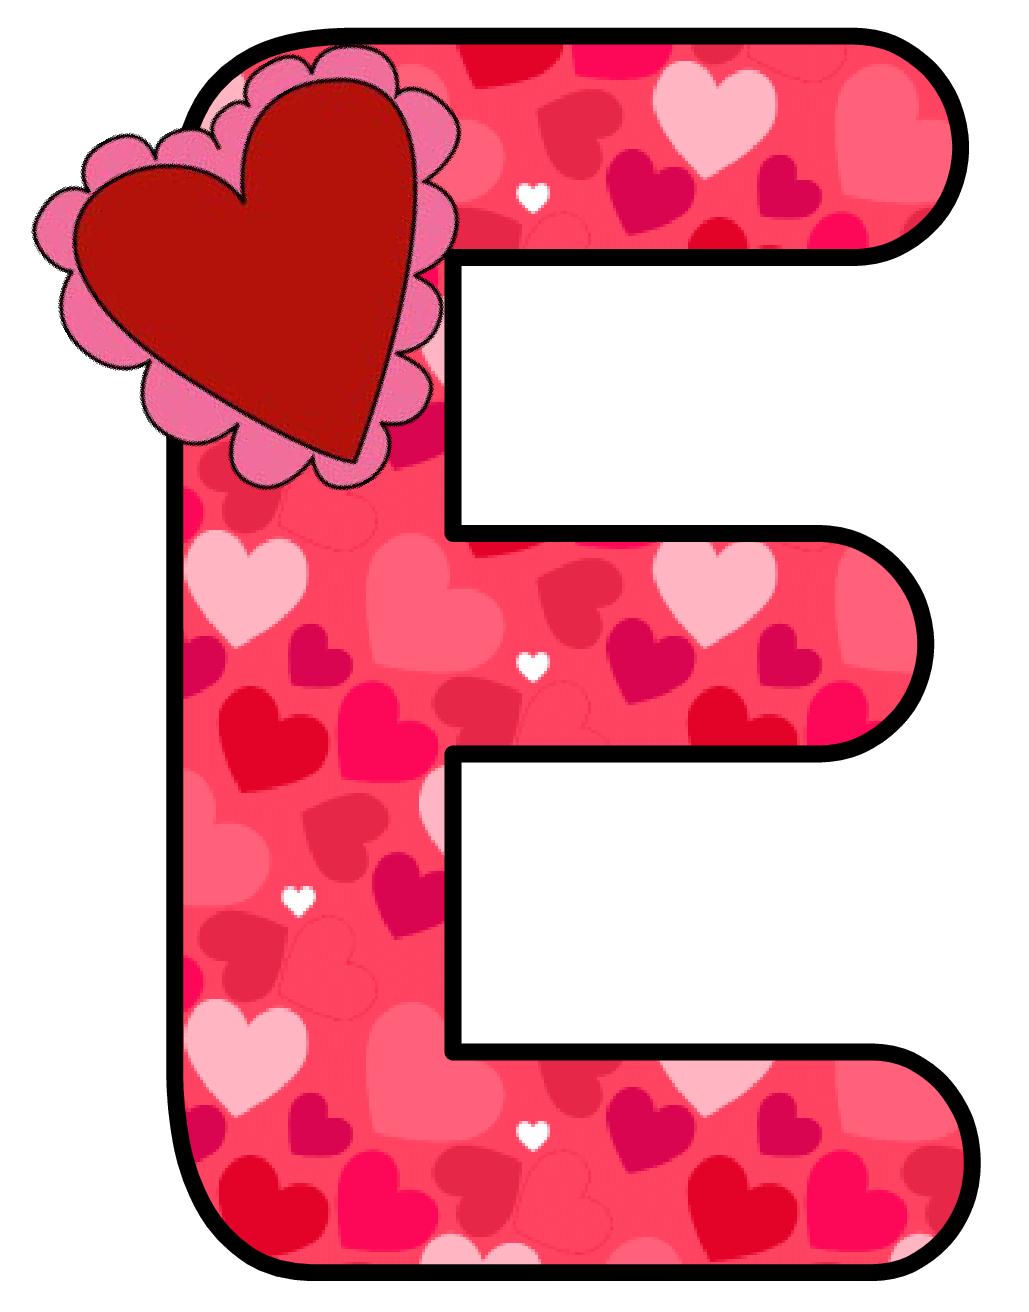 Ch b alfabeto corazon. Stamp clipart abc